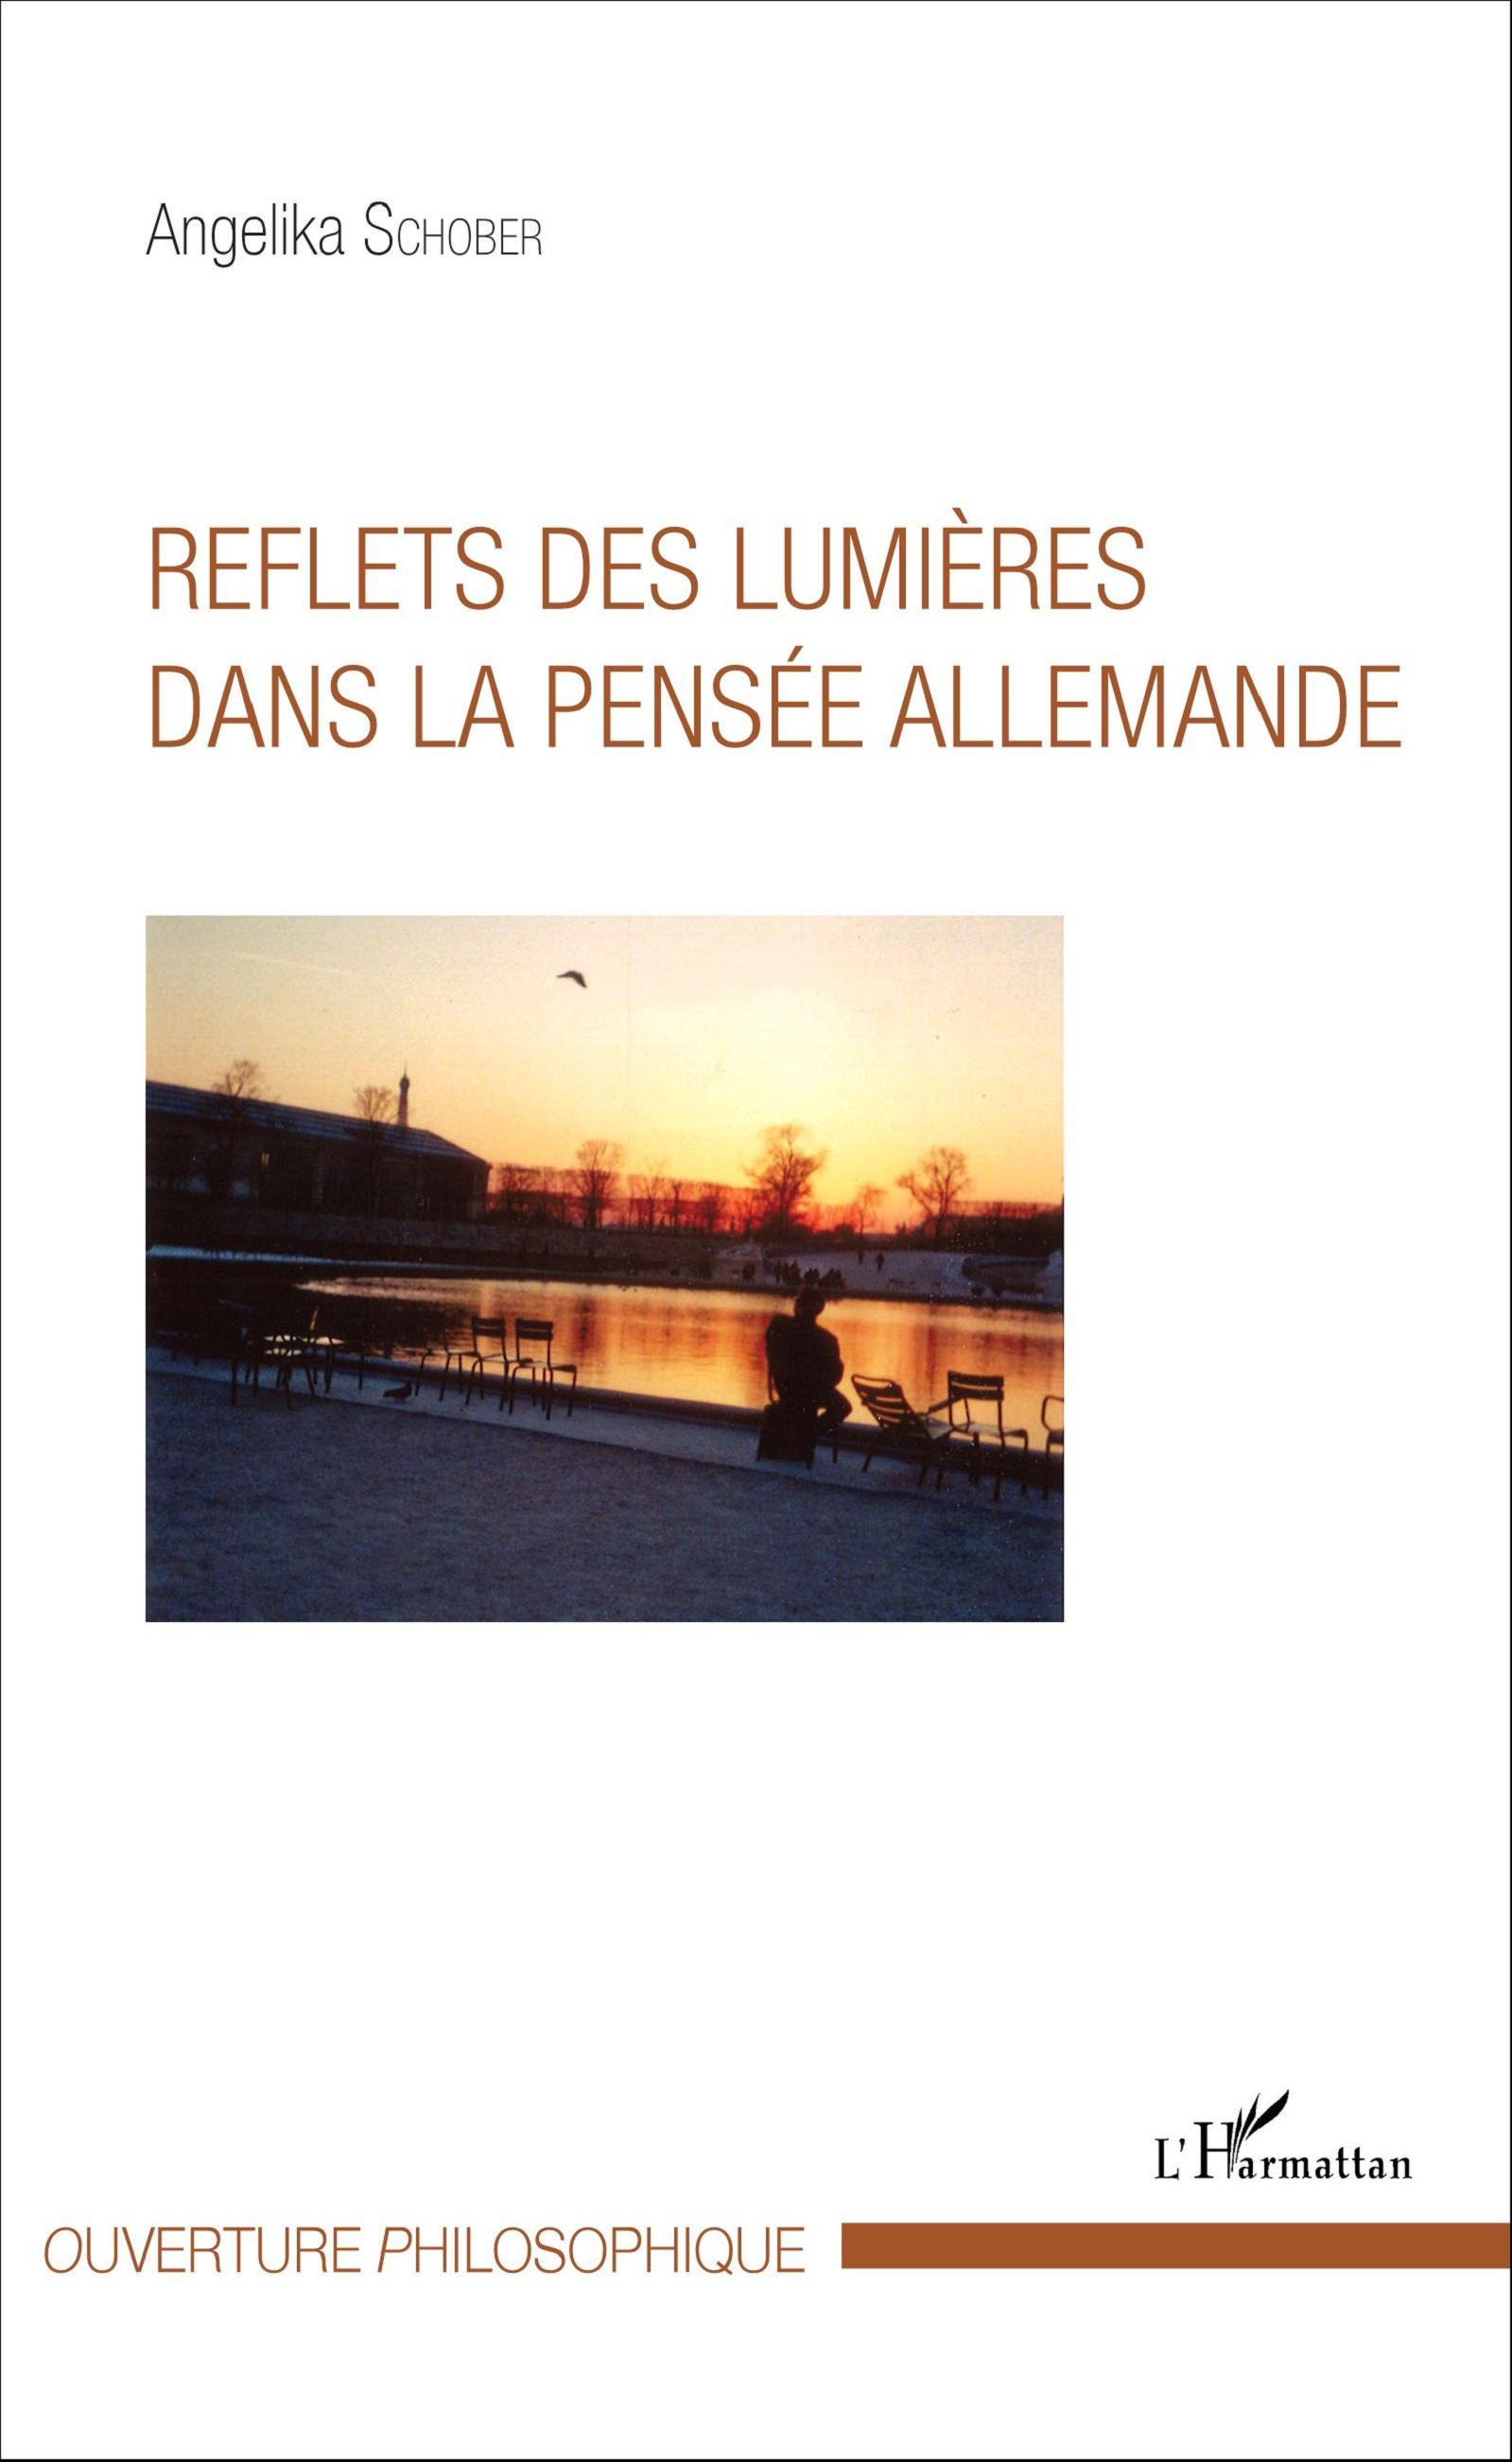 A. Schober, Reflets des lumières dans la pensée allemande